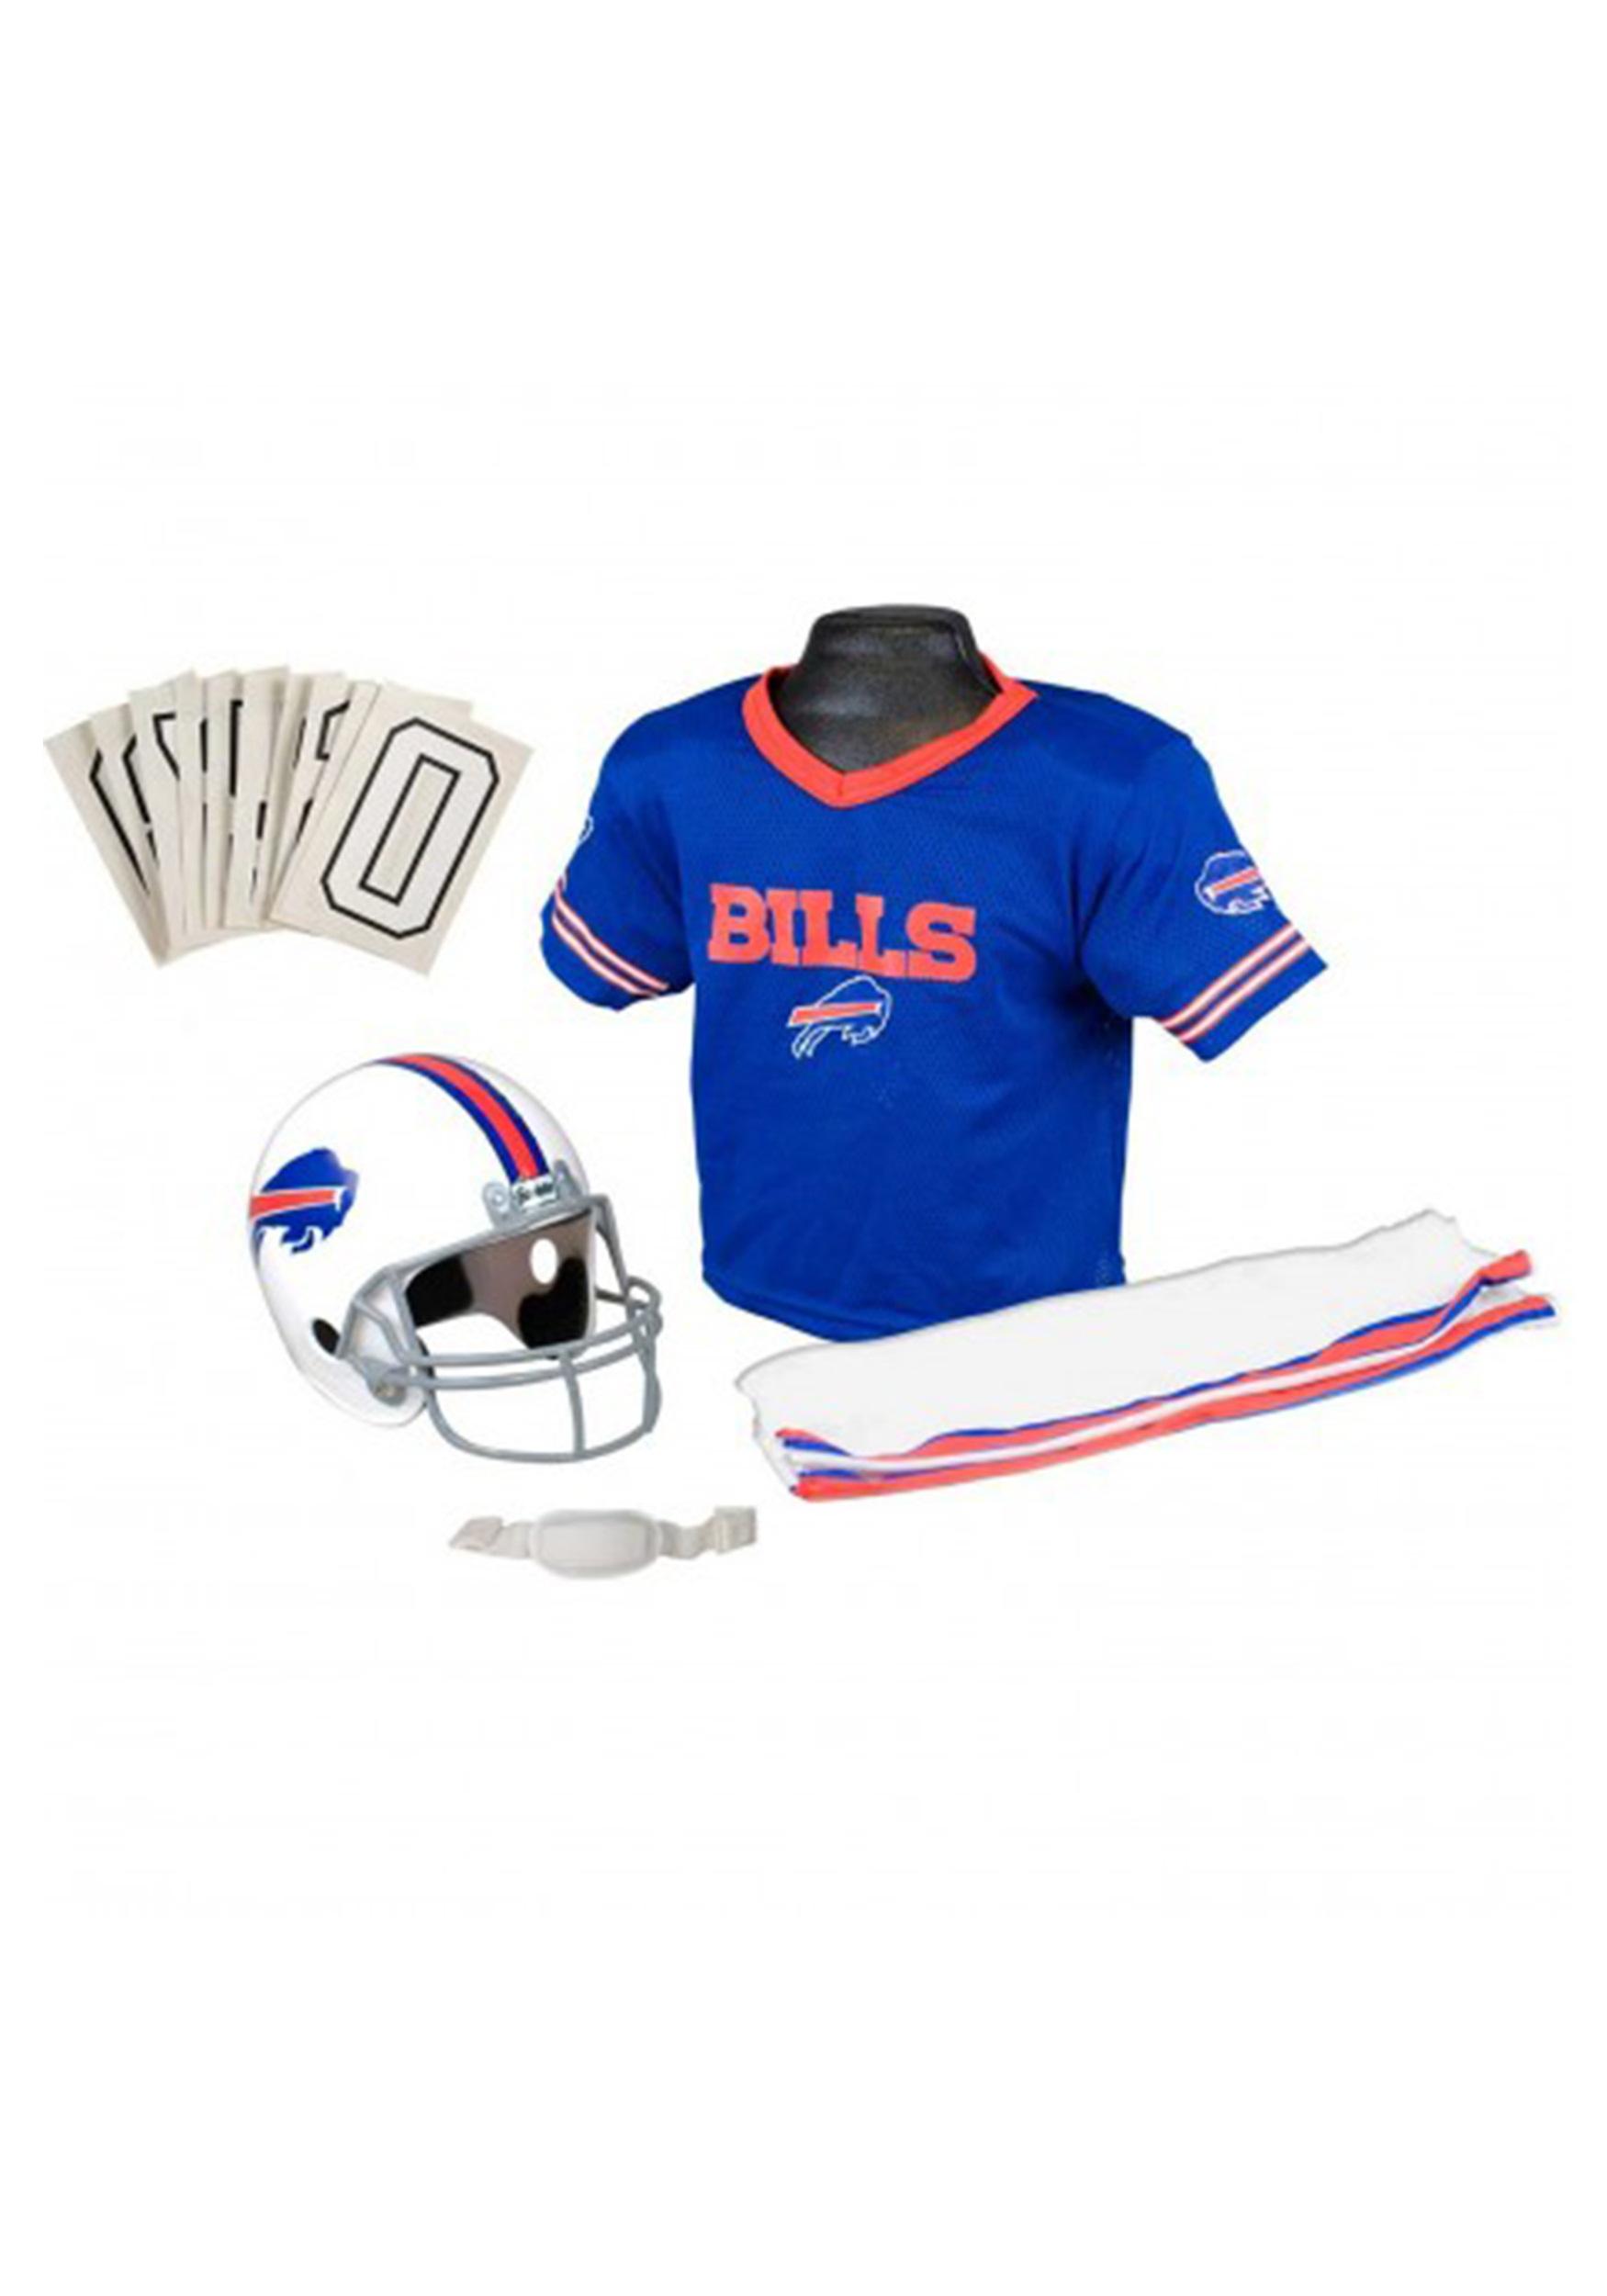 NFL Buffalo Bills Uniform Set FA15700F15